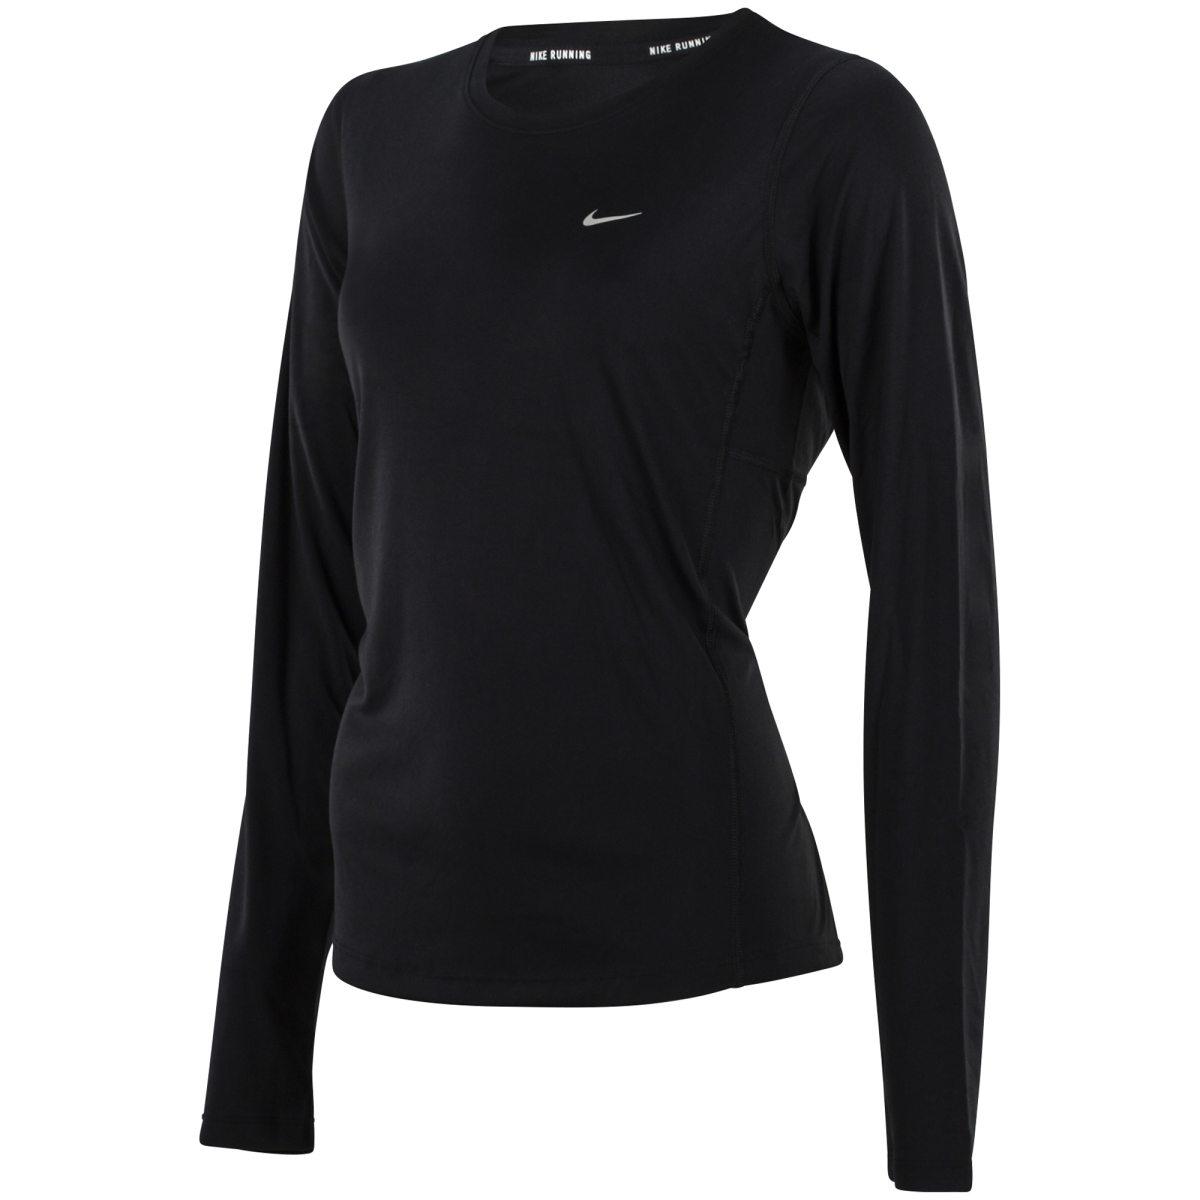 Zs76reh8 Sale Nike Trja Xxl Pelle